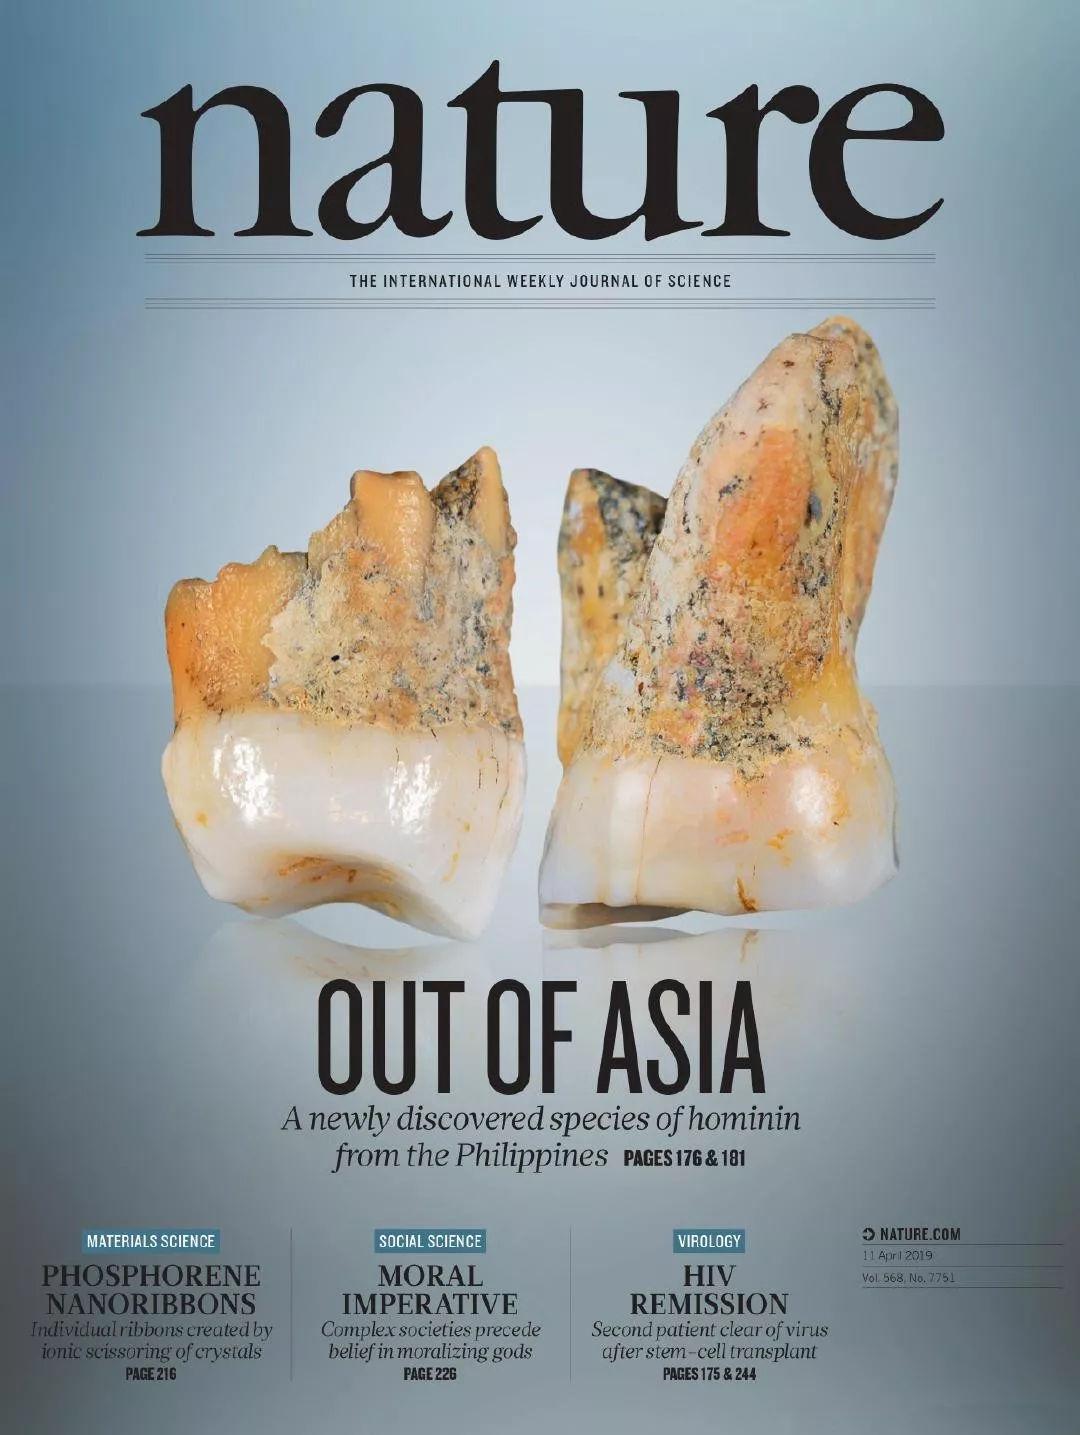 考古学家在菲律宾洞穴中发现新人类物种遗骸